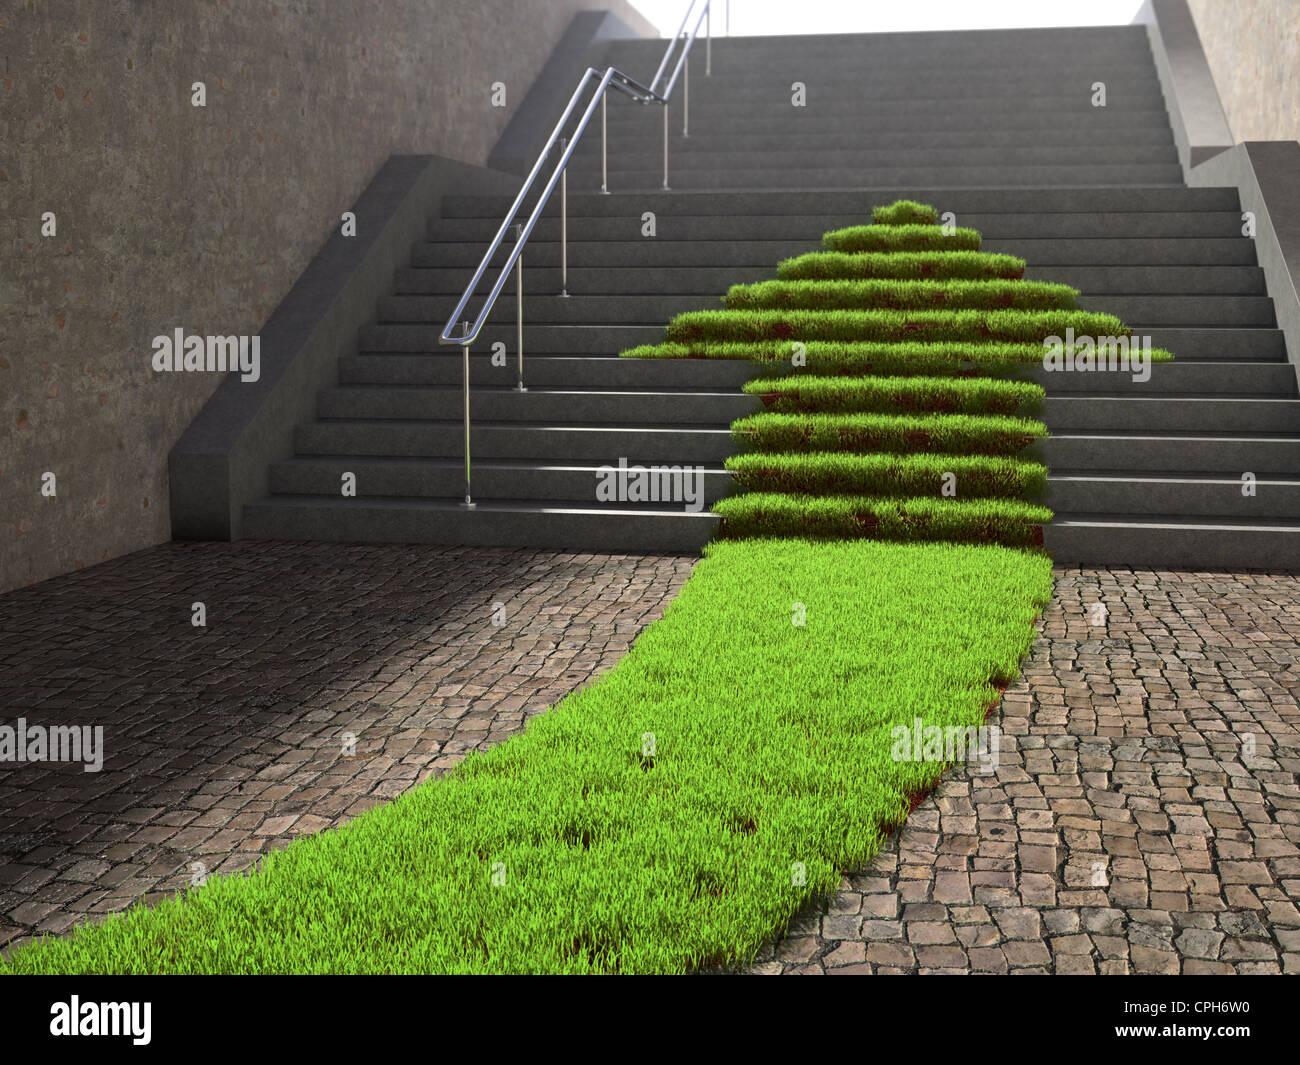 Scène urbaine en forme de flèche avec patch d'herbe poussant sur un escalier Photo Stock